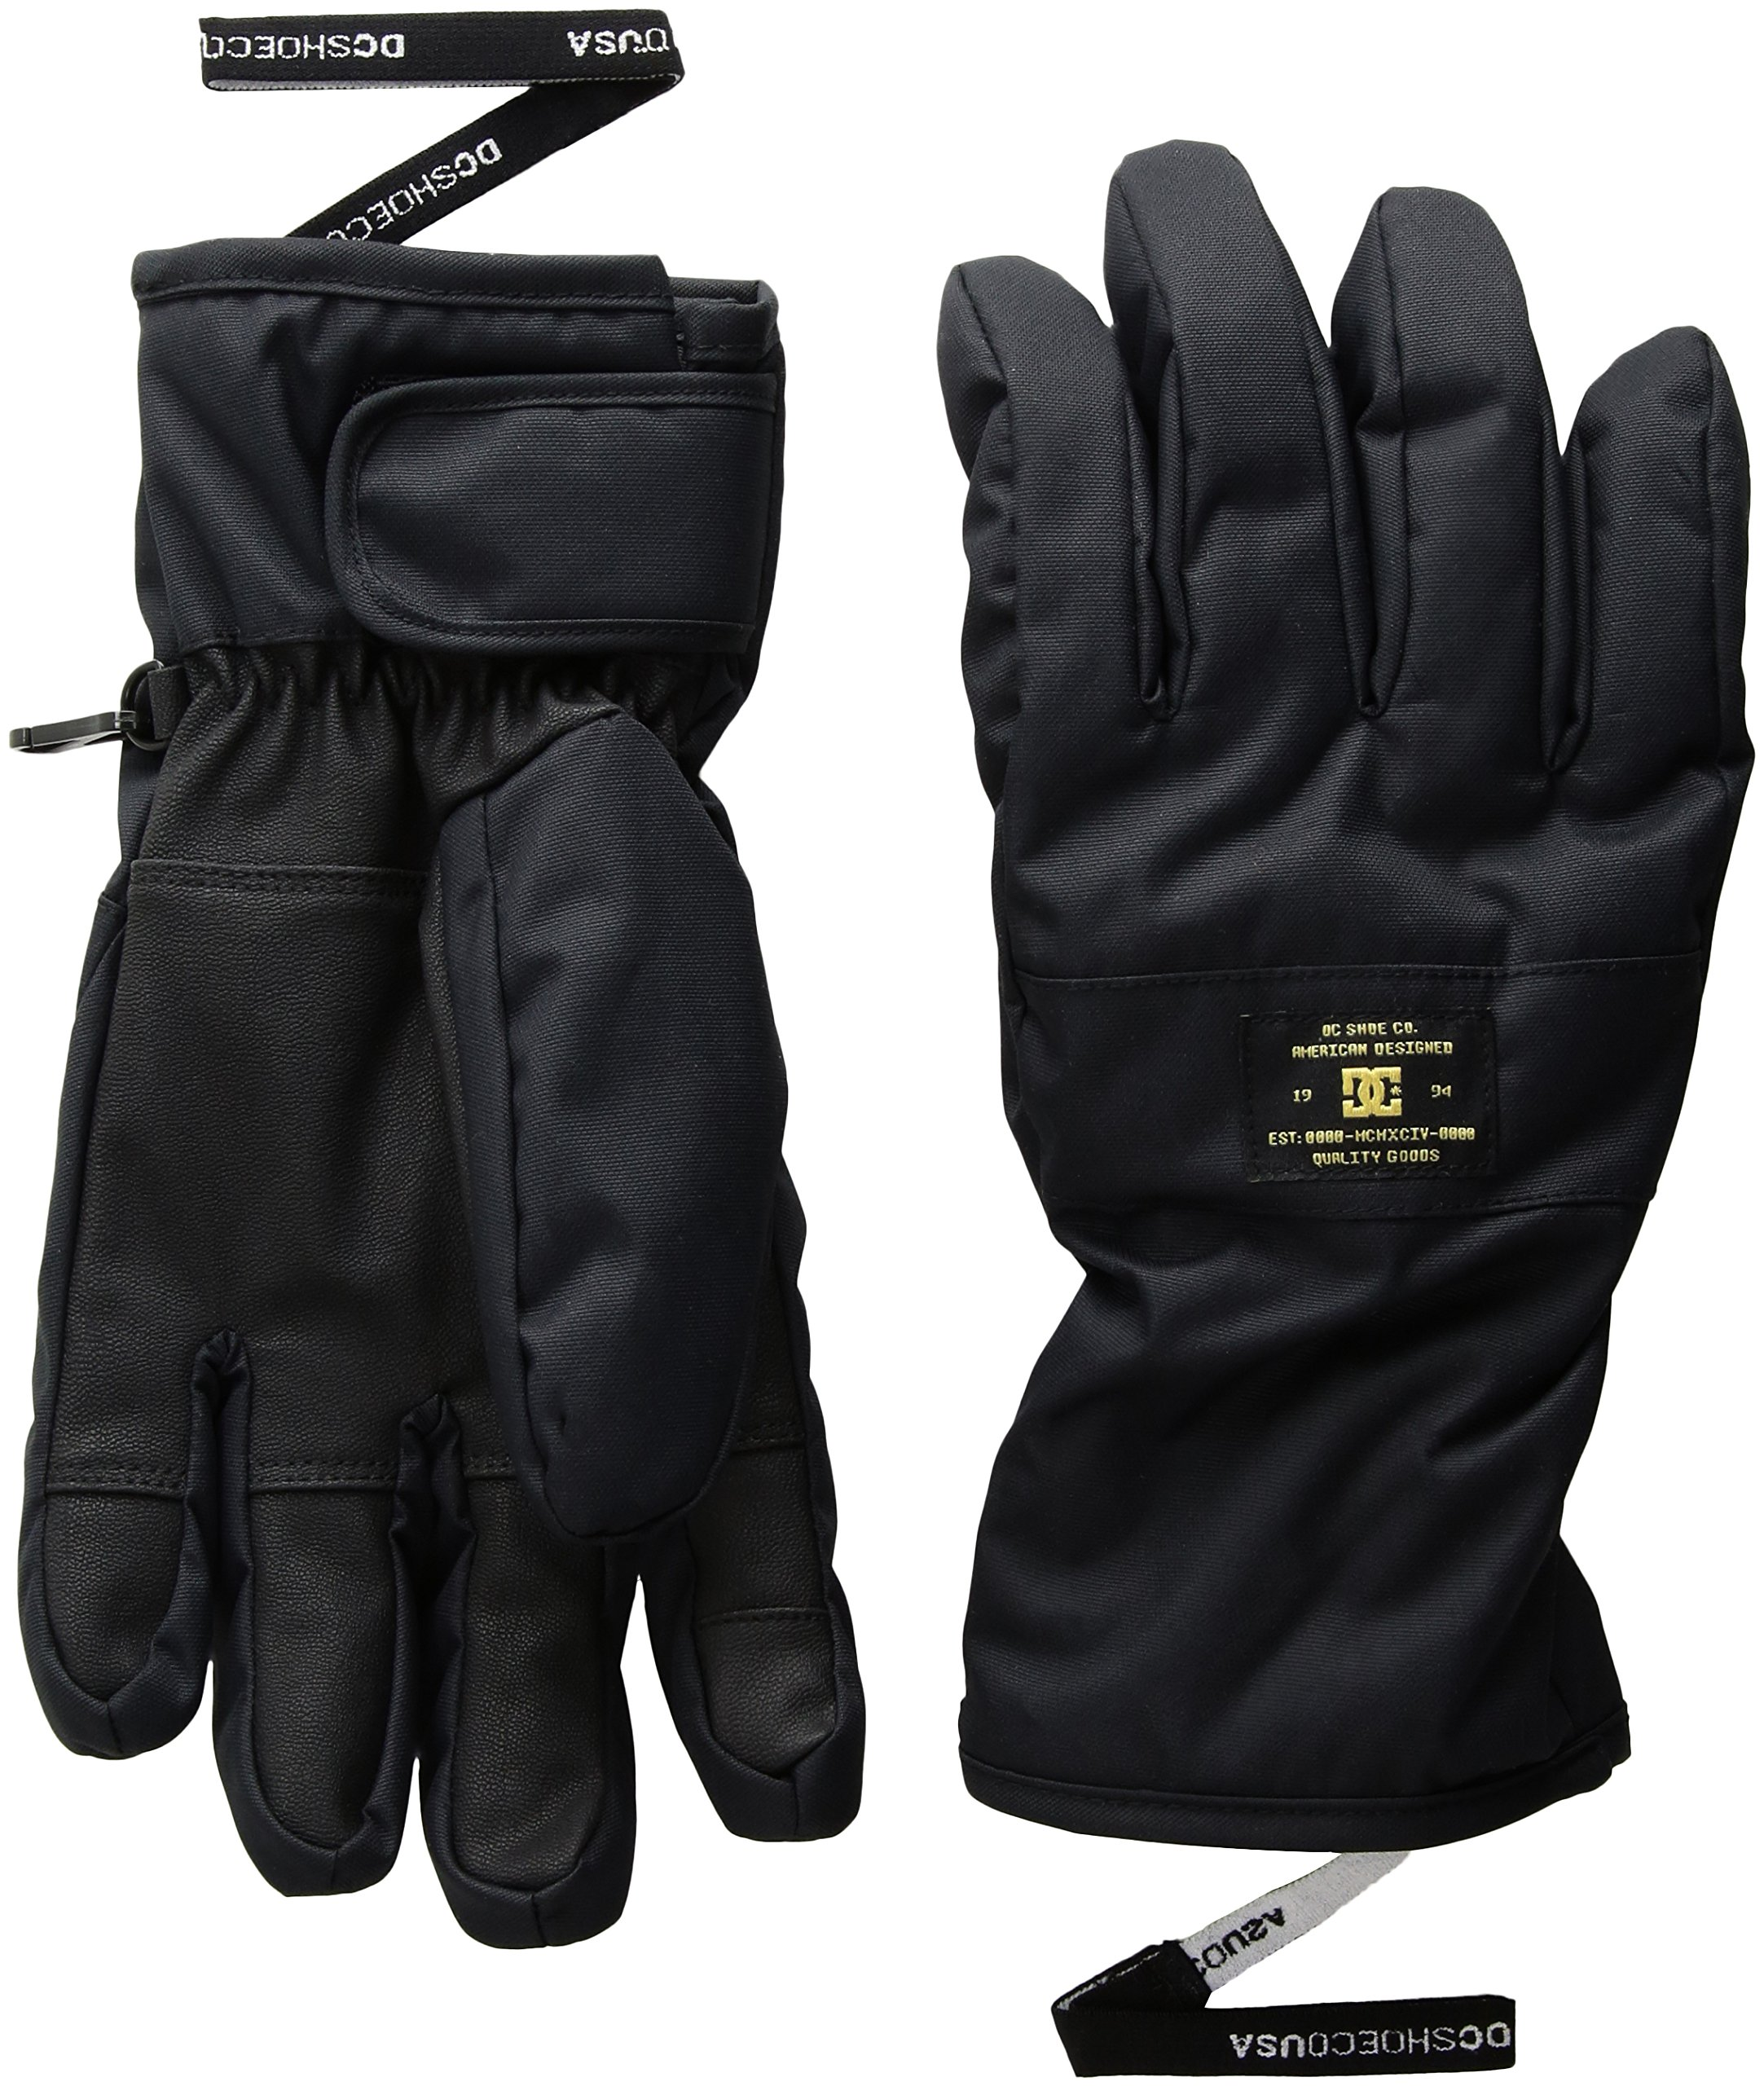 DC Men's Franchise Snow Gloves, Black, S